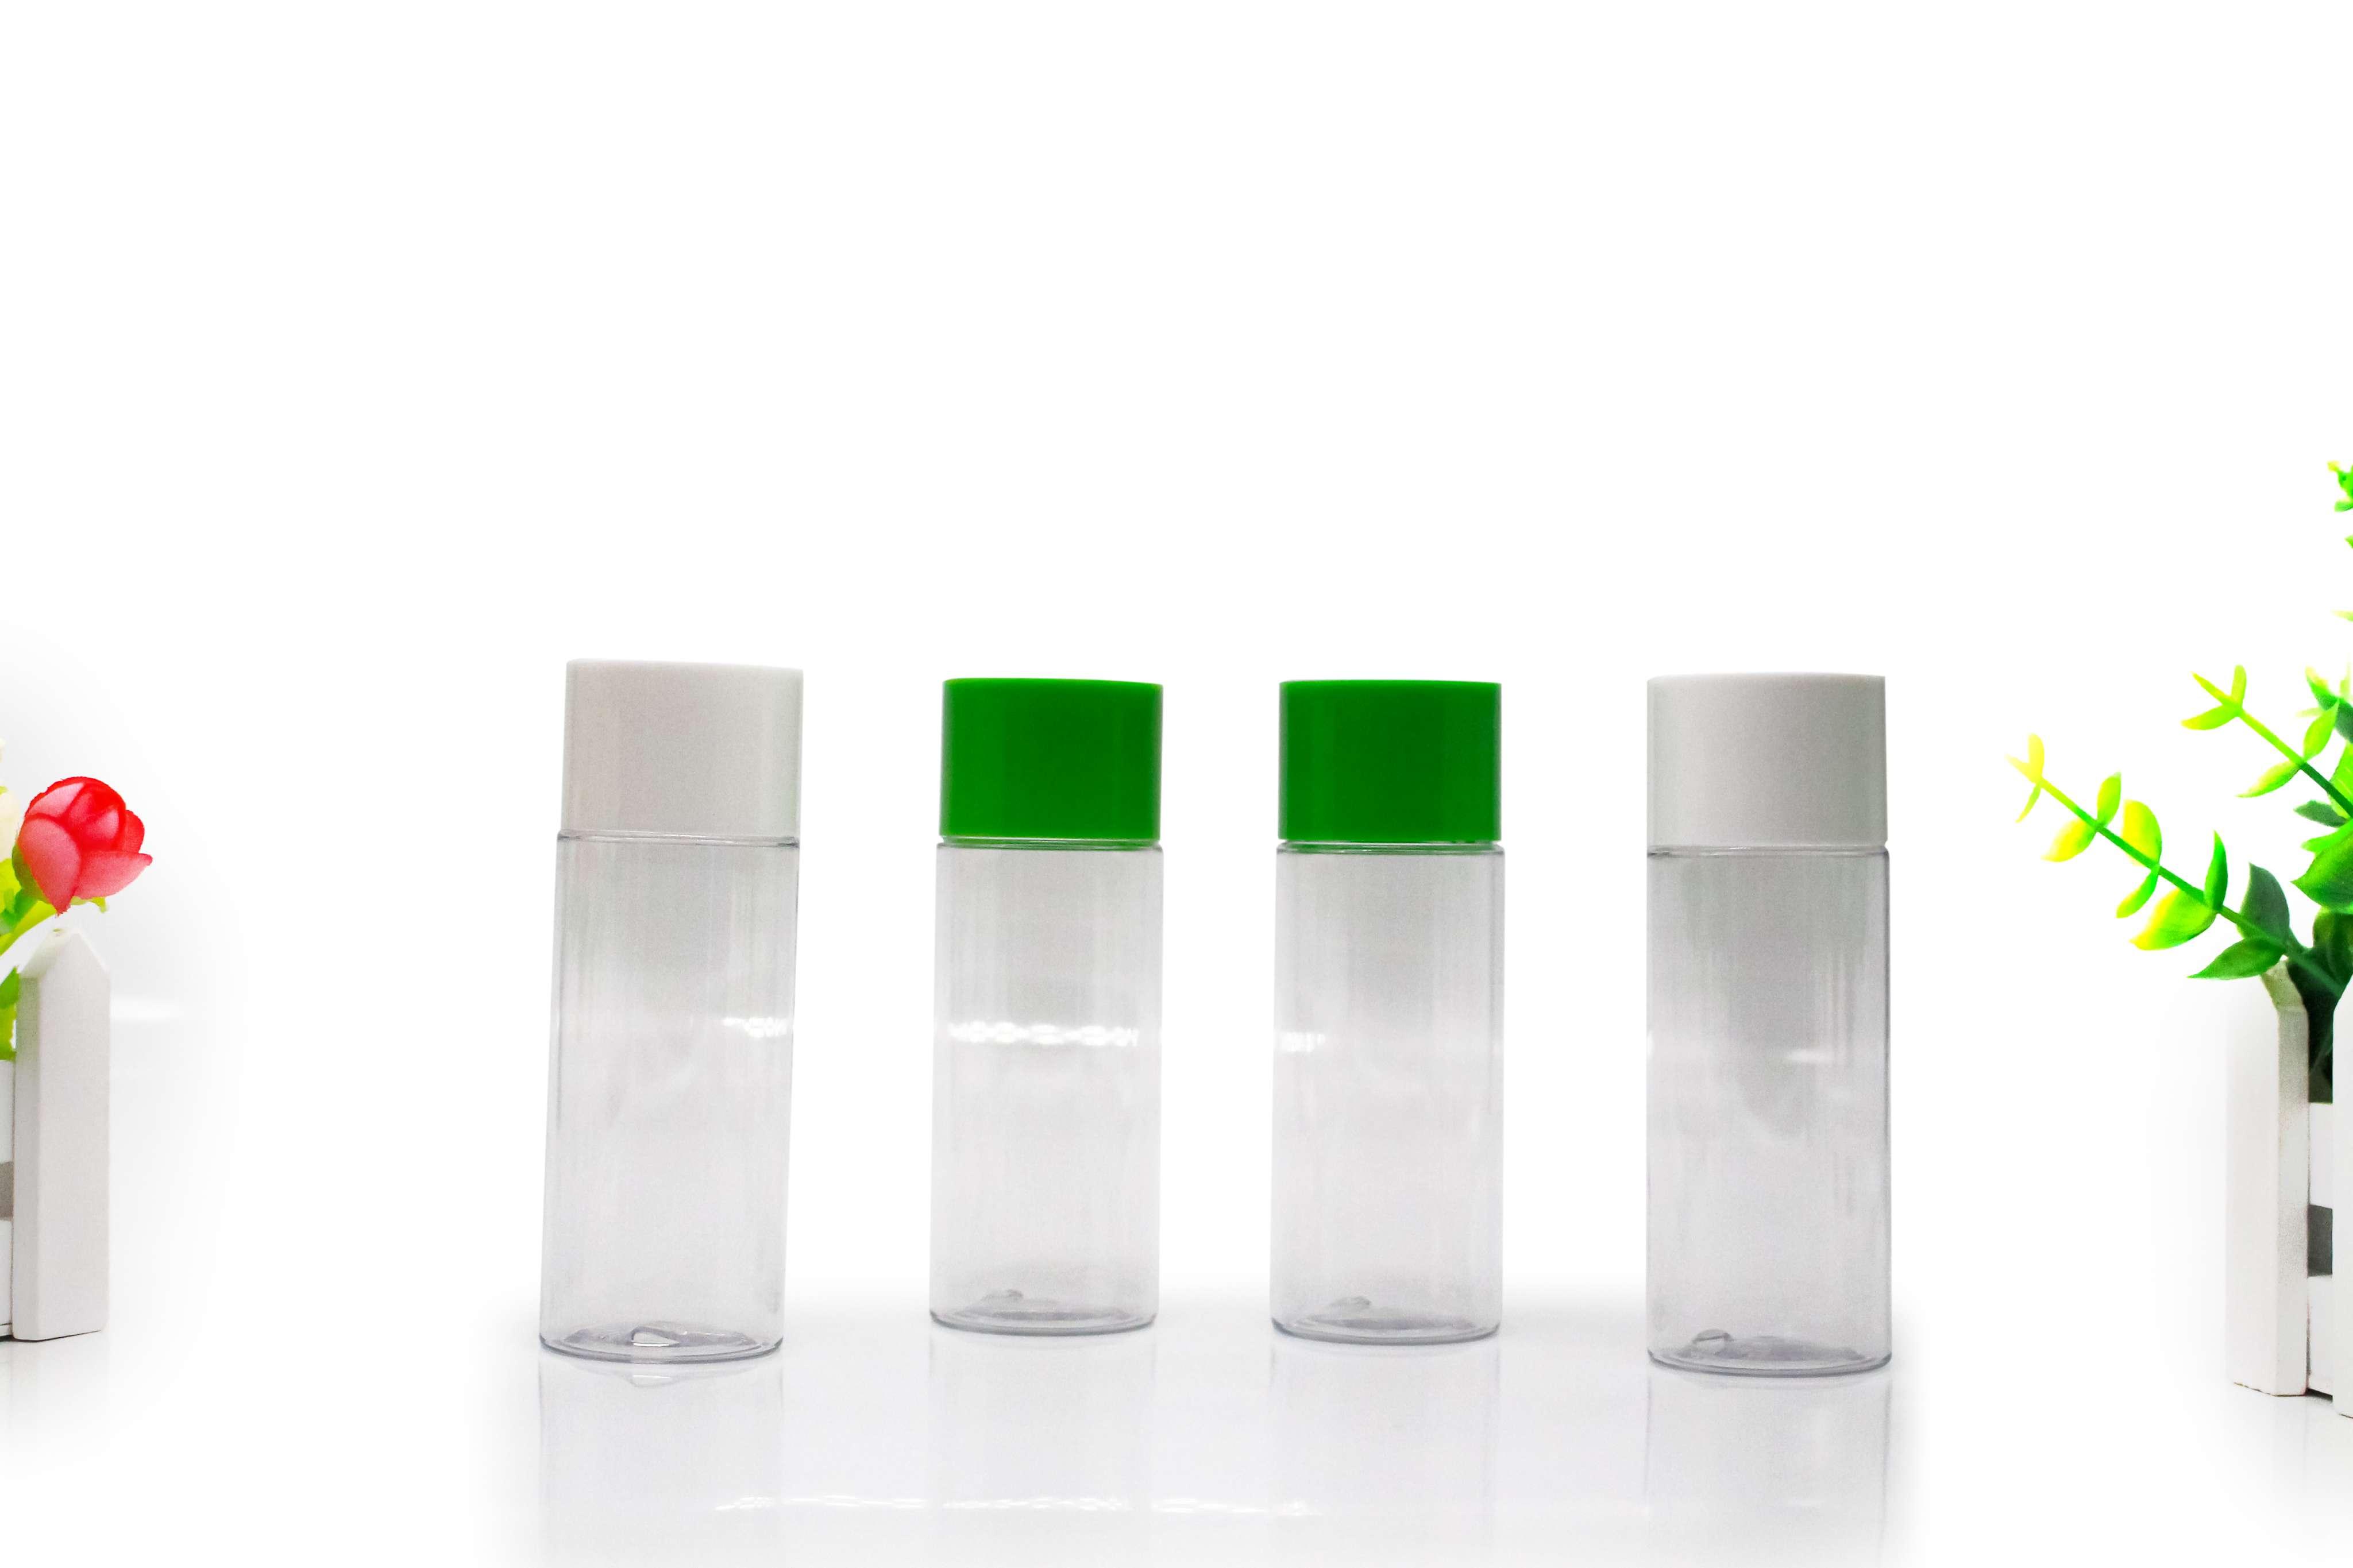 单层厚盖瓶